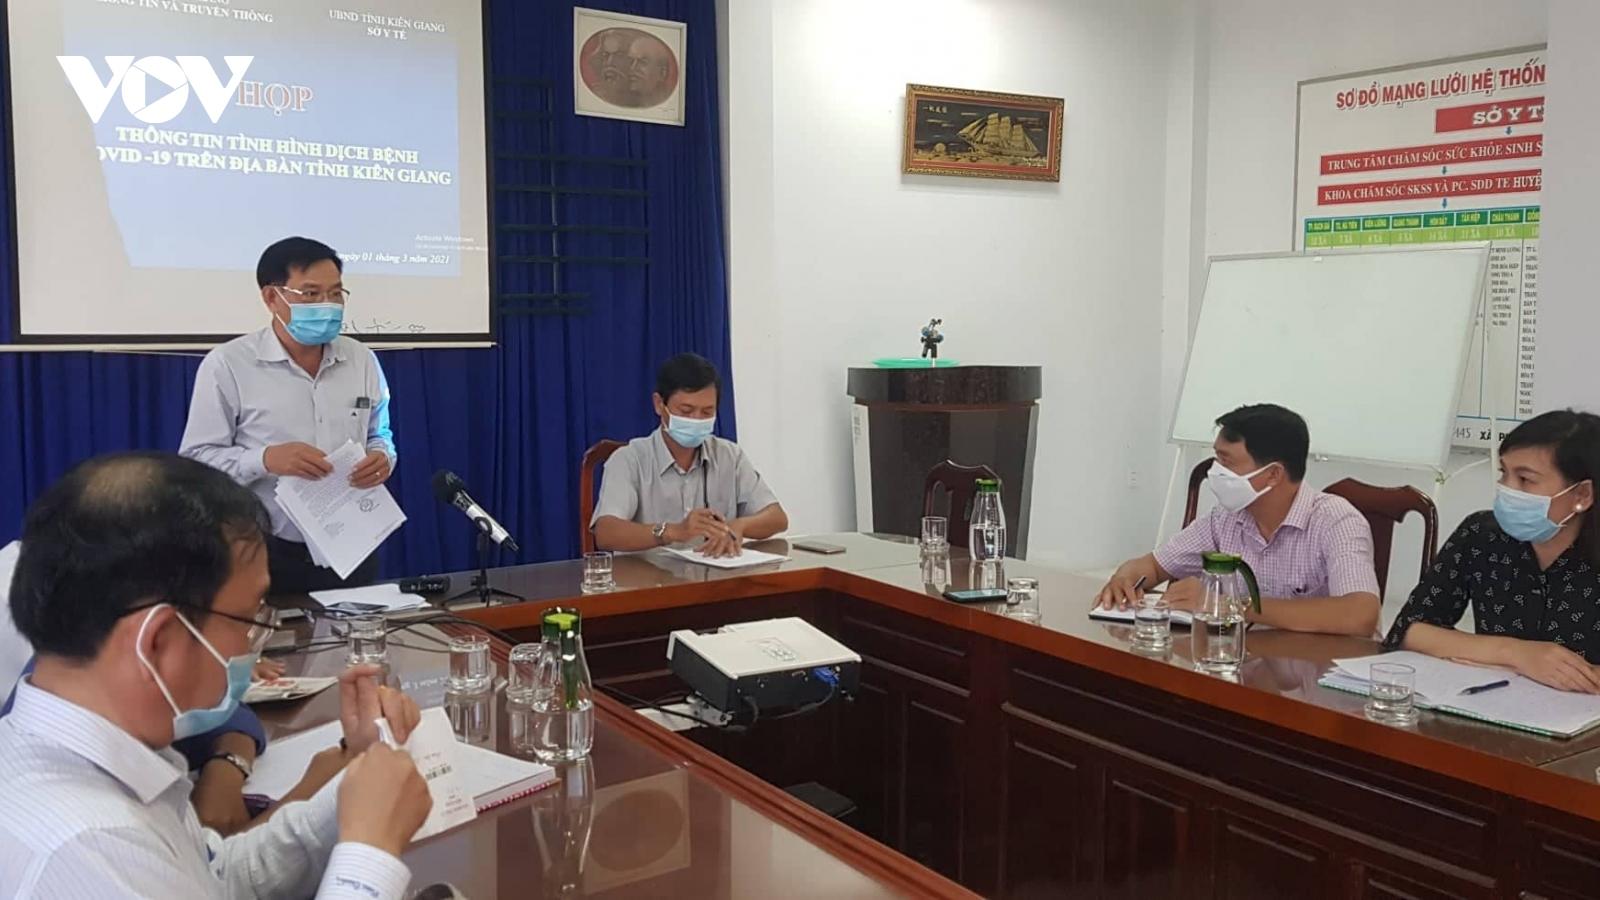 Kiên Giangcó 5 trường hợp dương tính với SARS-CoV-2 từ 13 trường hợp nghi nhiễm